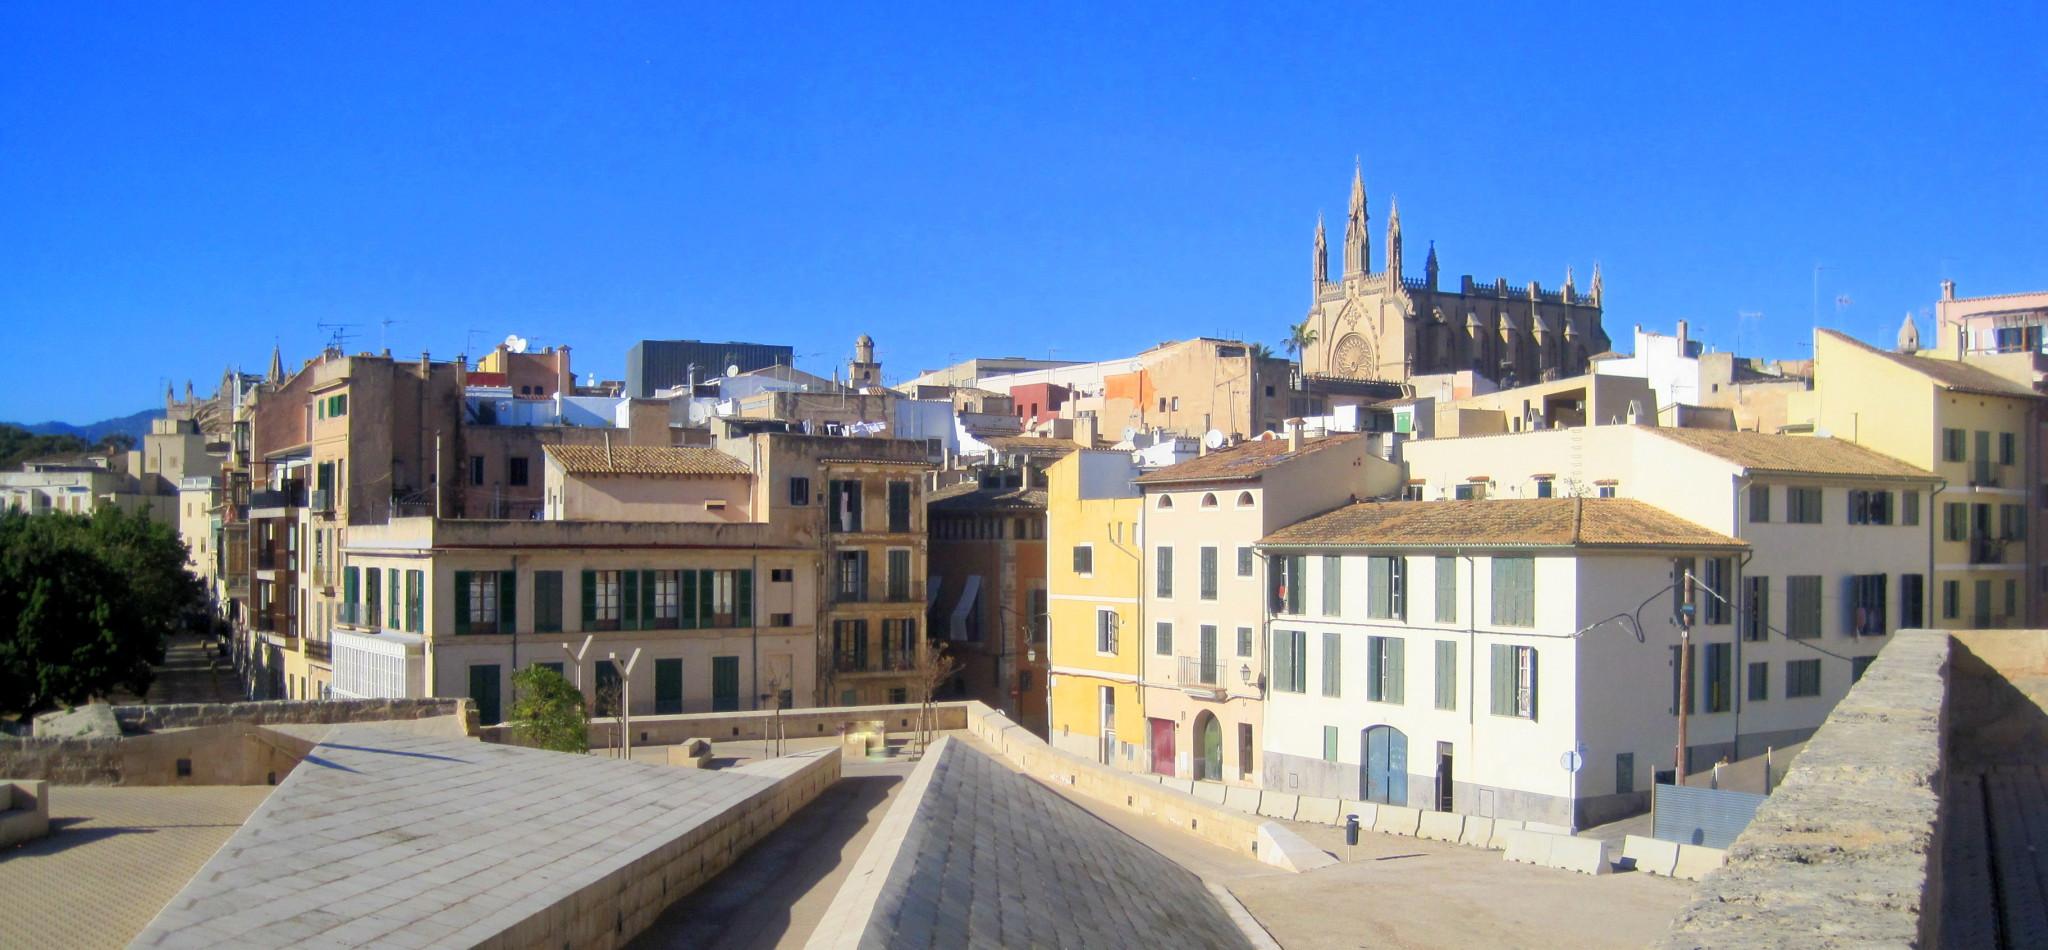 El Govern aprueba el proyecto de ley que regula el alquiler turístico y establece un techo real de plazas